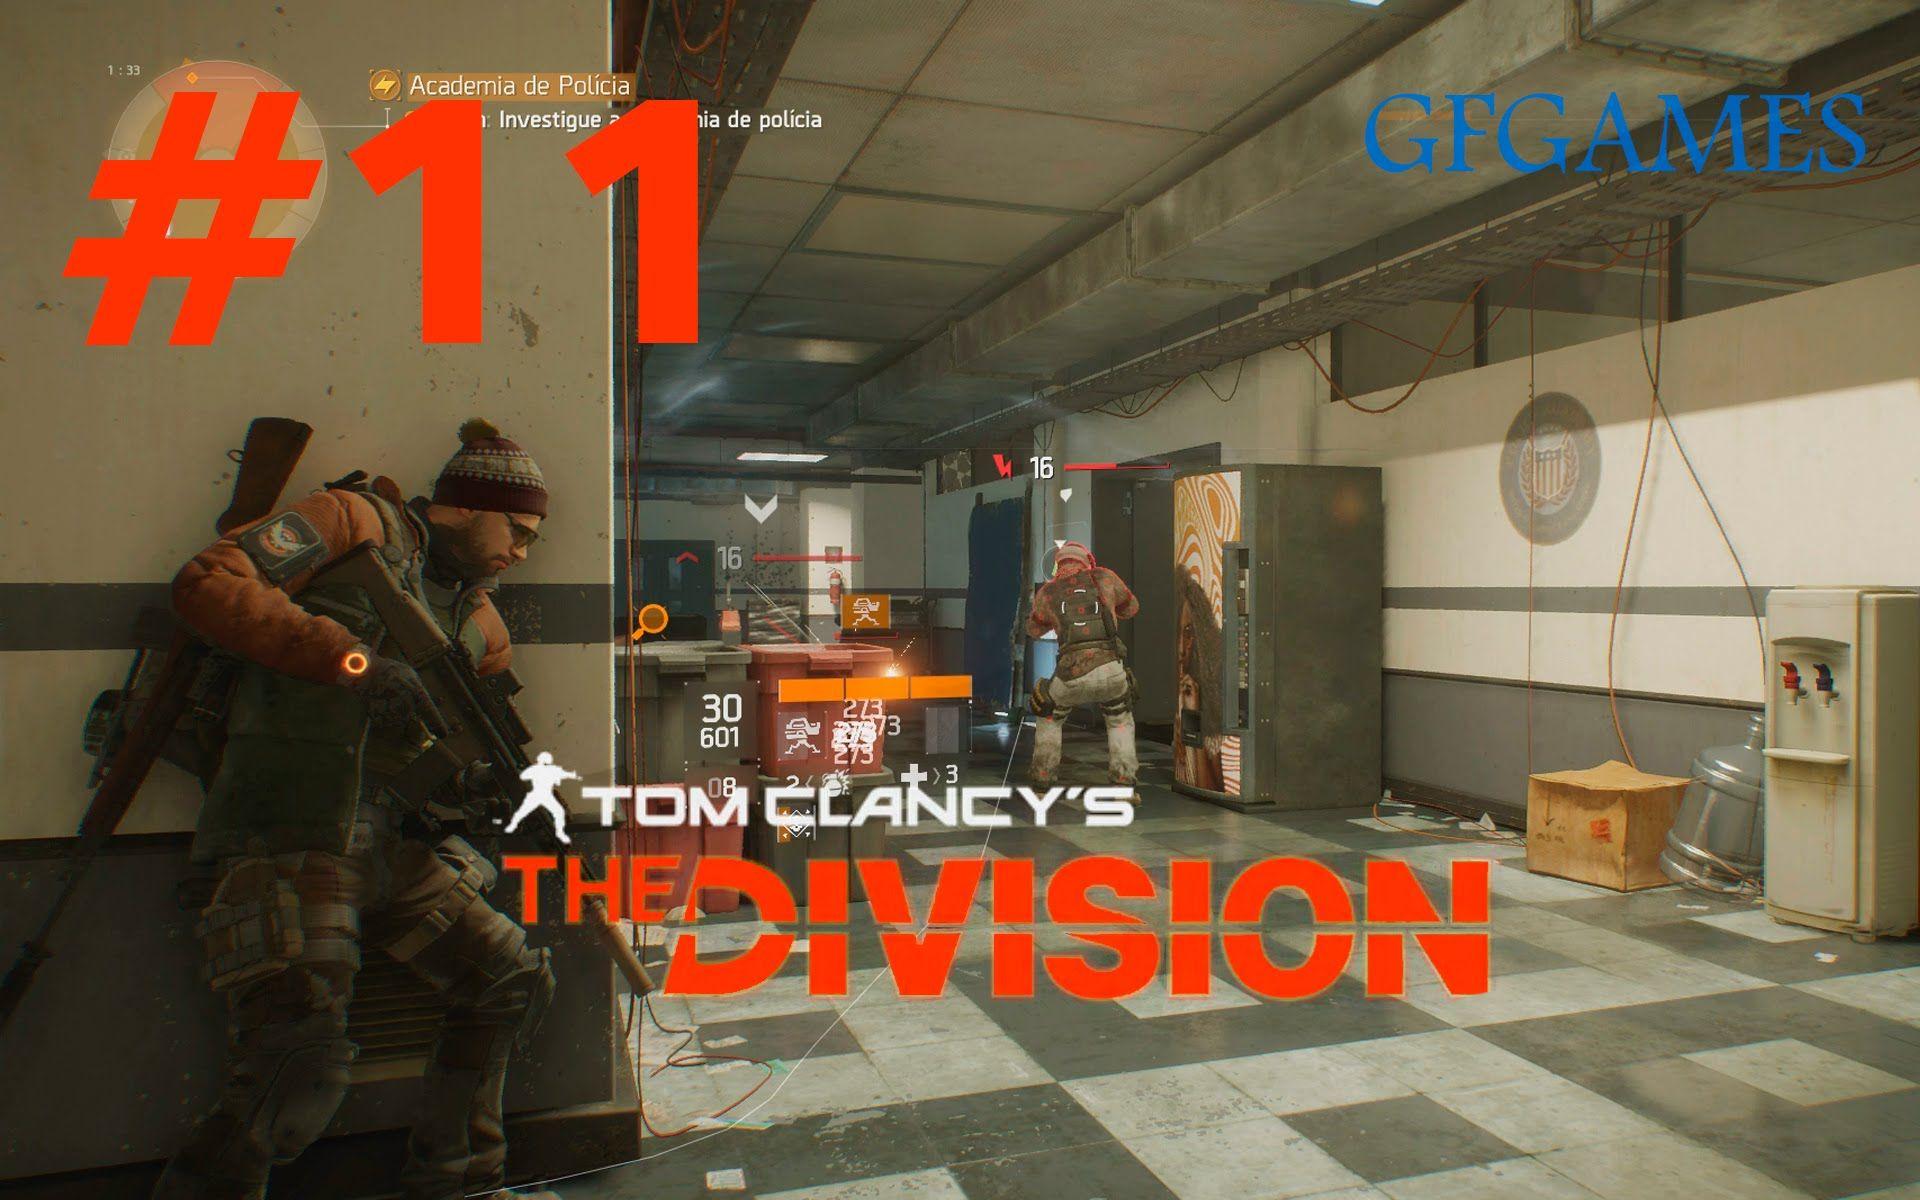 The Division #11 - Academia de Polícia